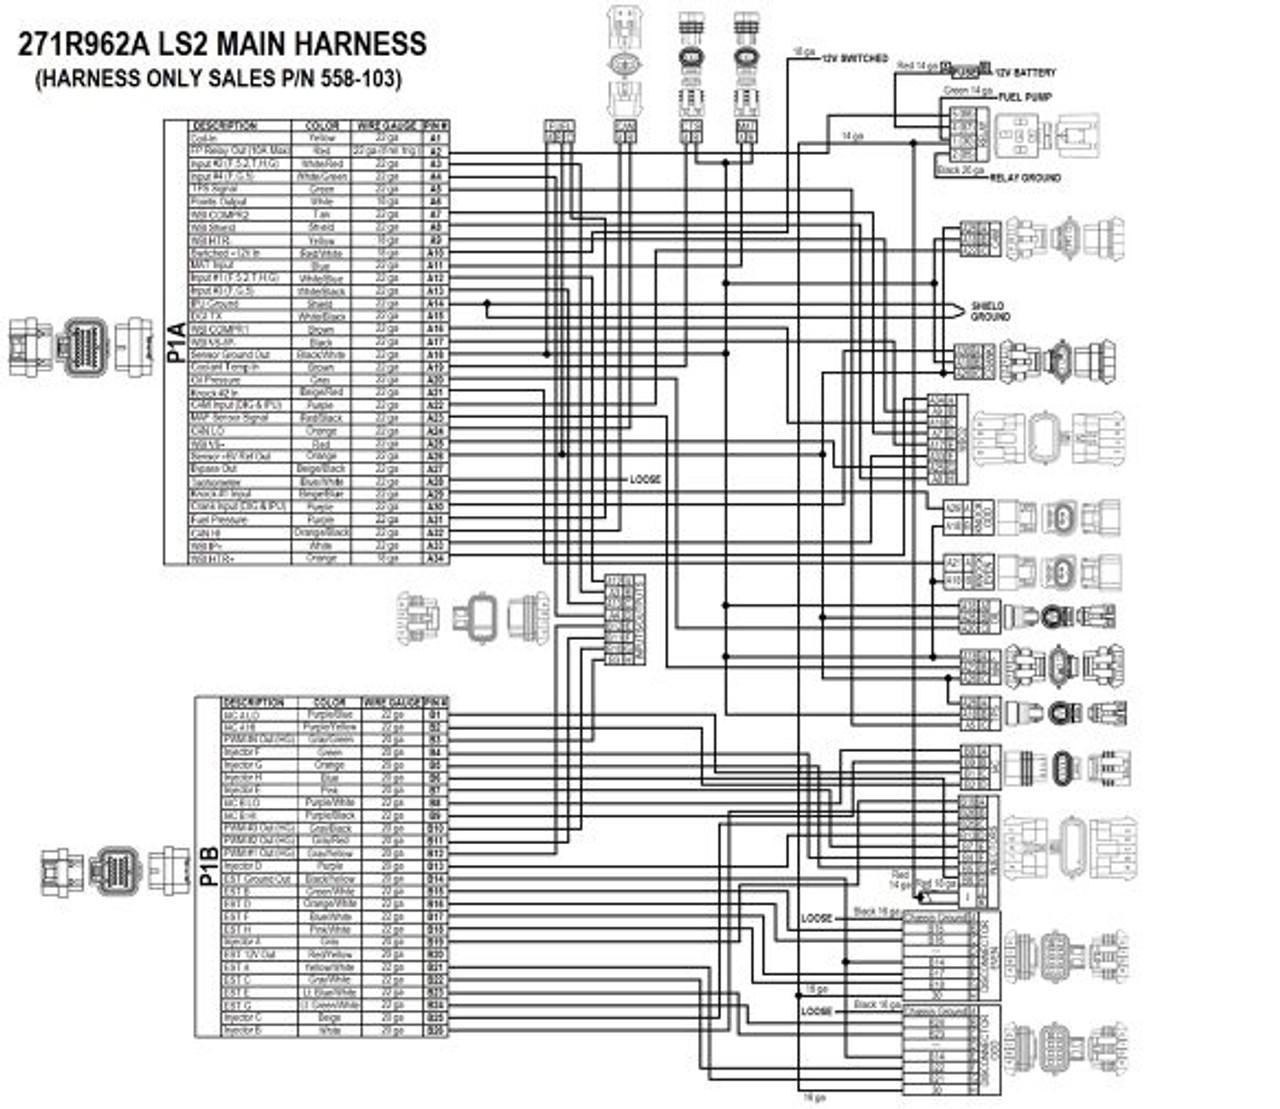 Holley HP EFI GM LS 24x ECU & Harness Kit w/ Bosch O2 550-602 on